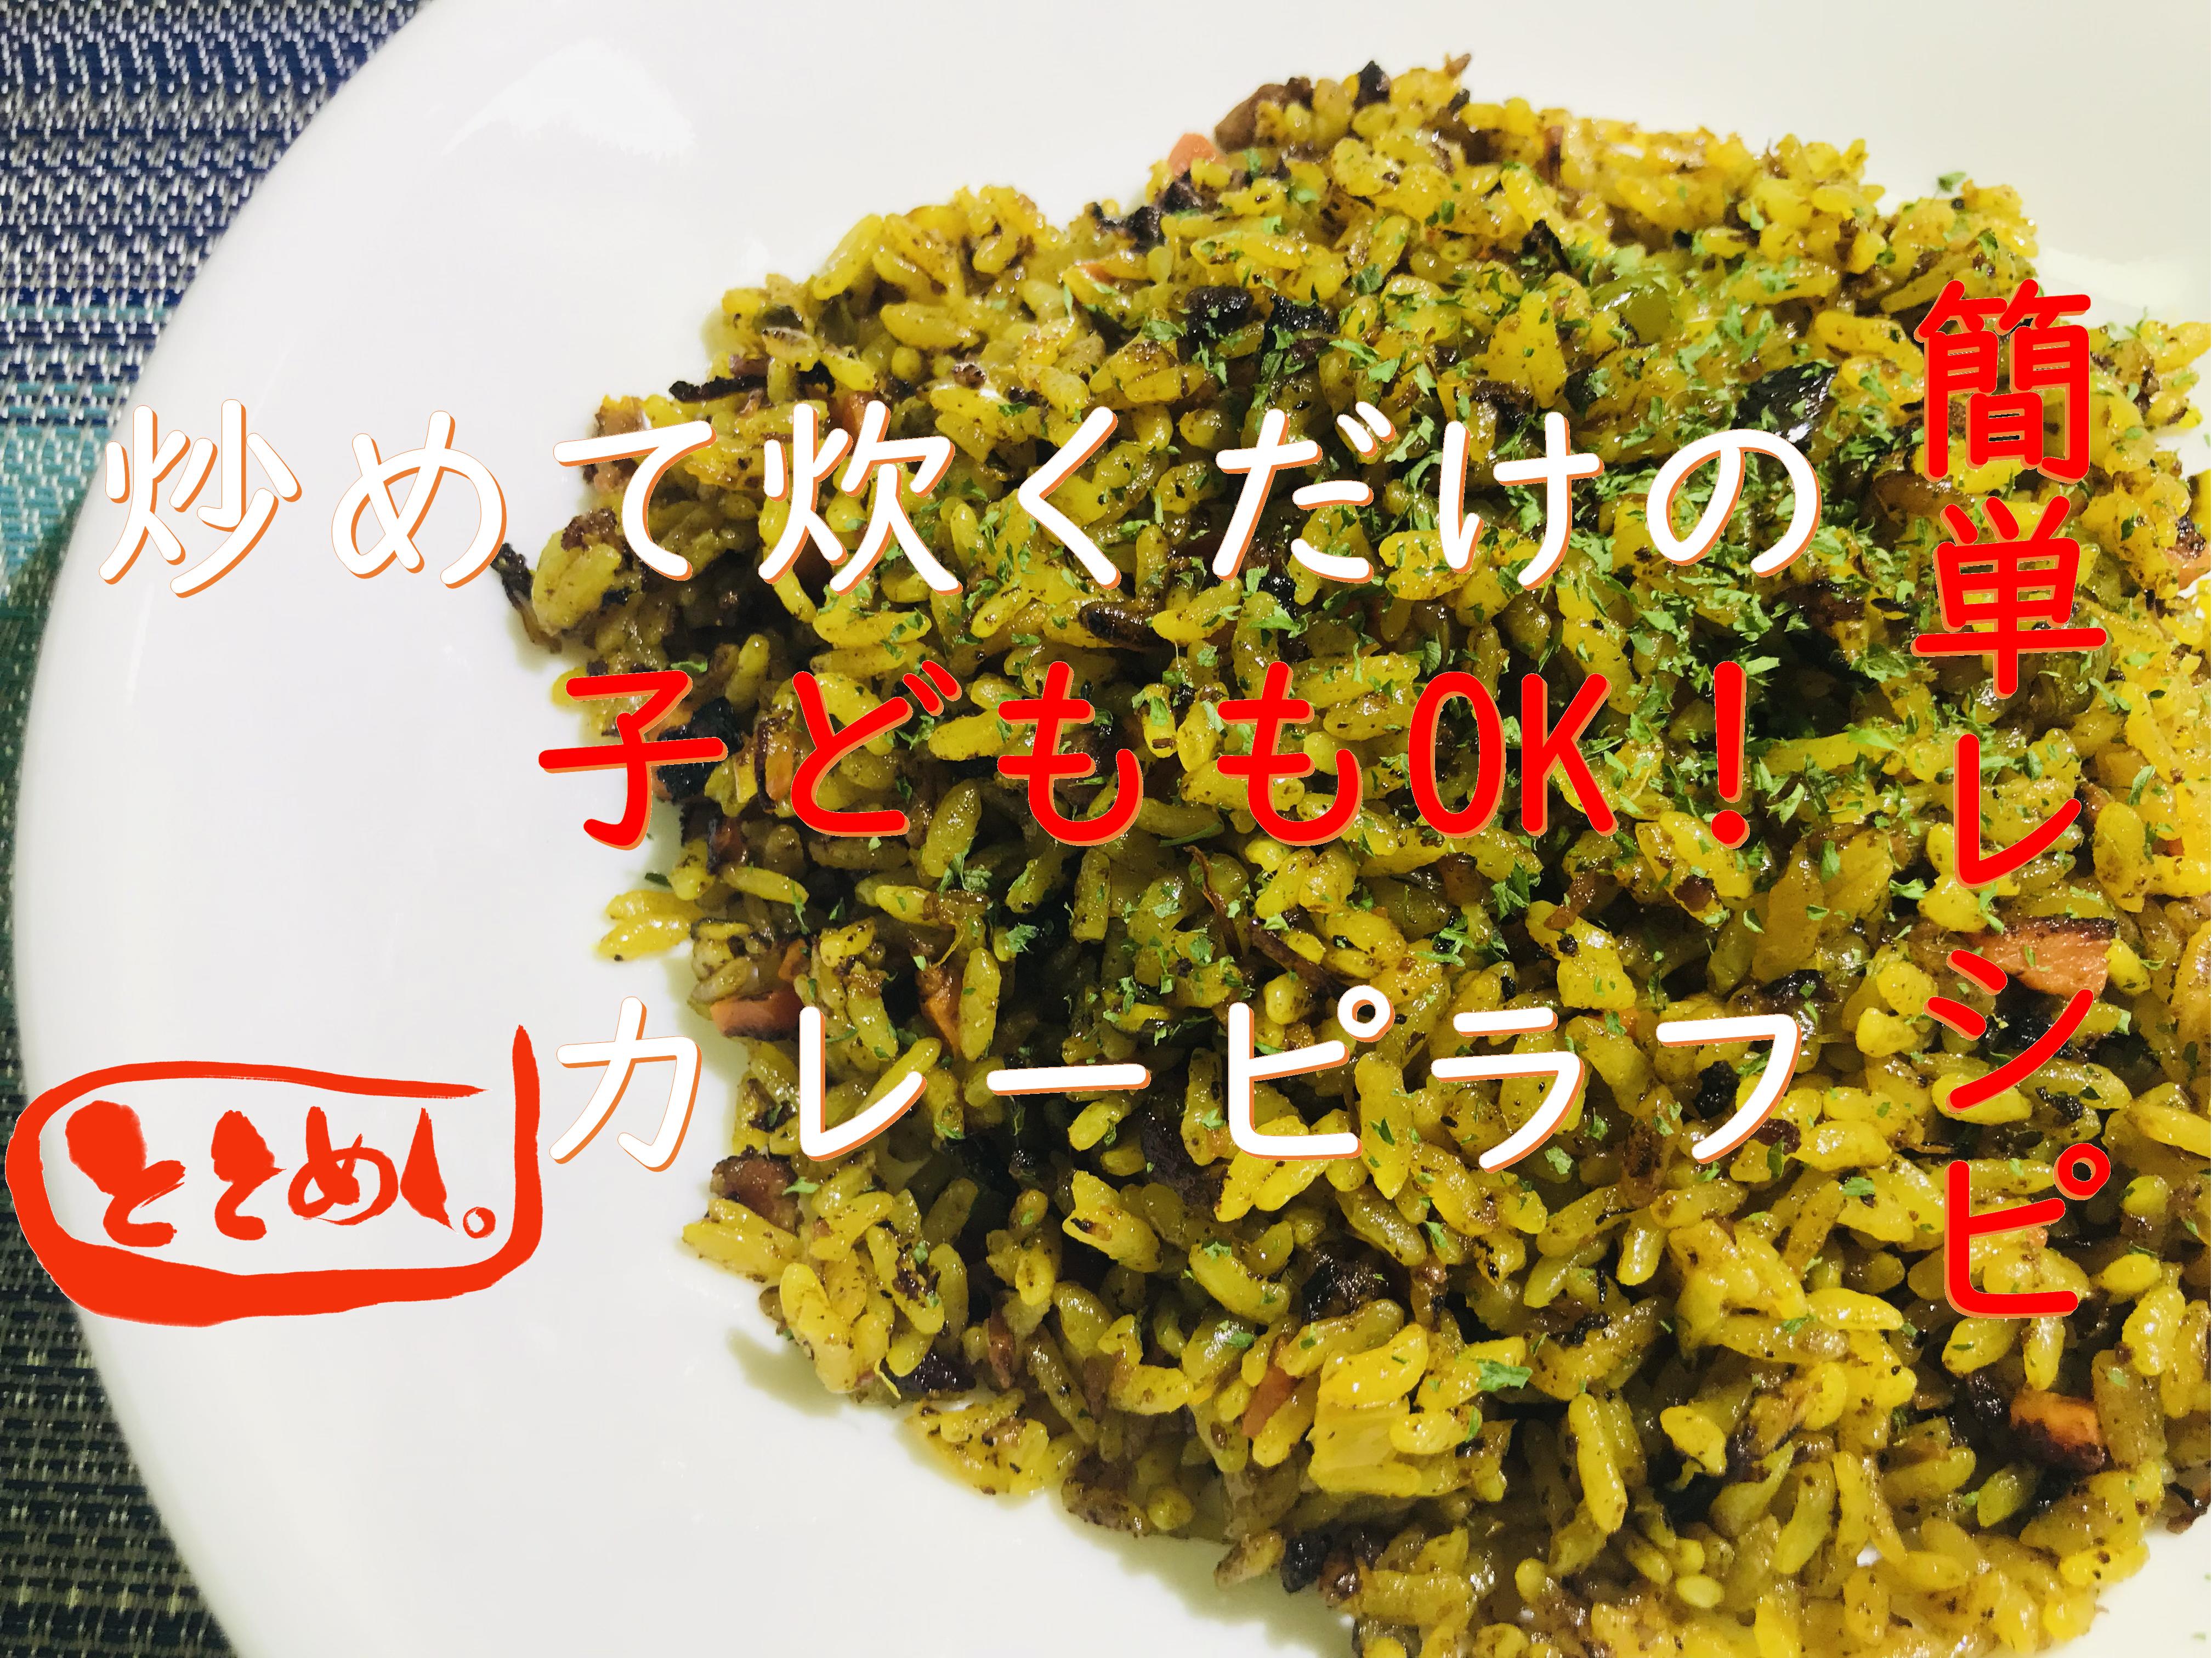 フライパン一つで炒めて、炊くだけ!!子どももOKなカレーピラフレシピ post thumbnail image